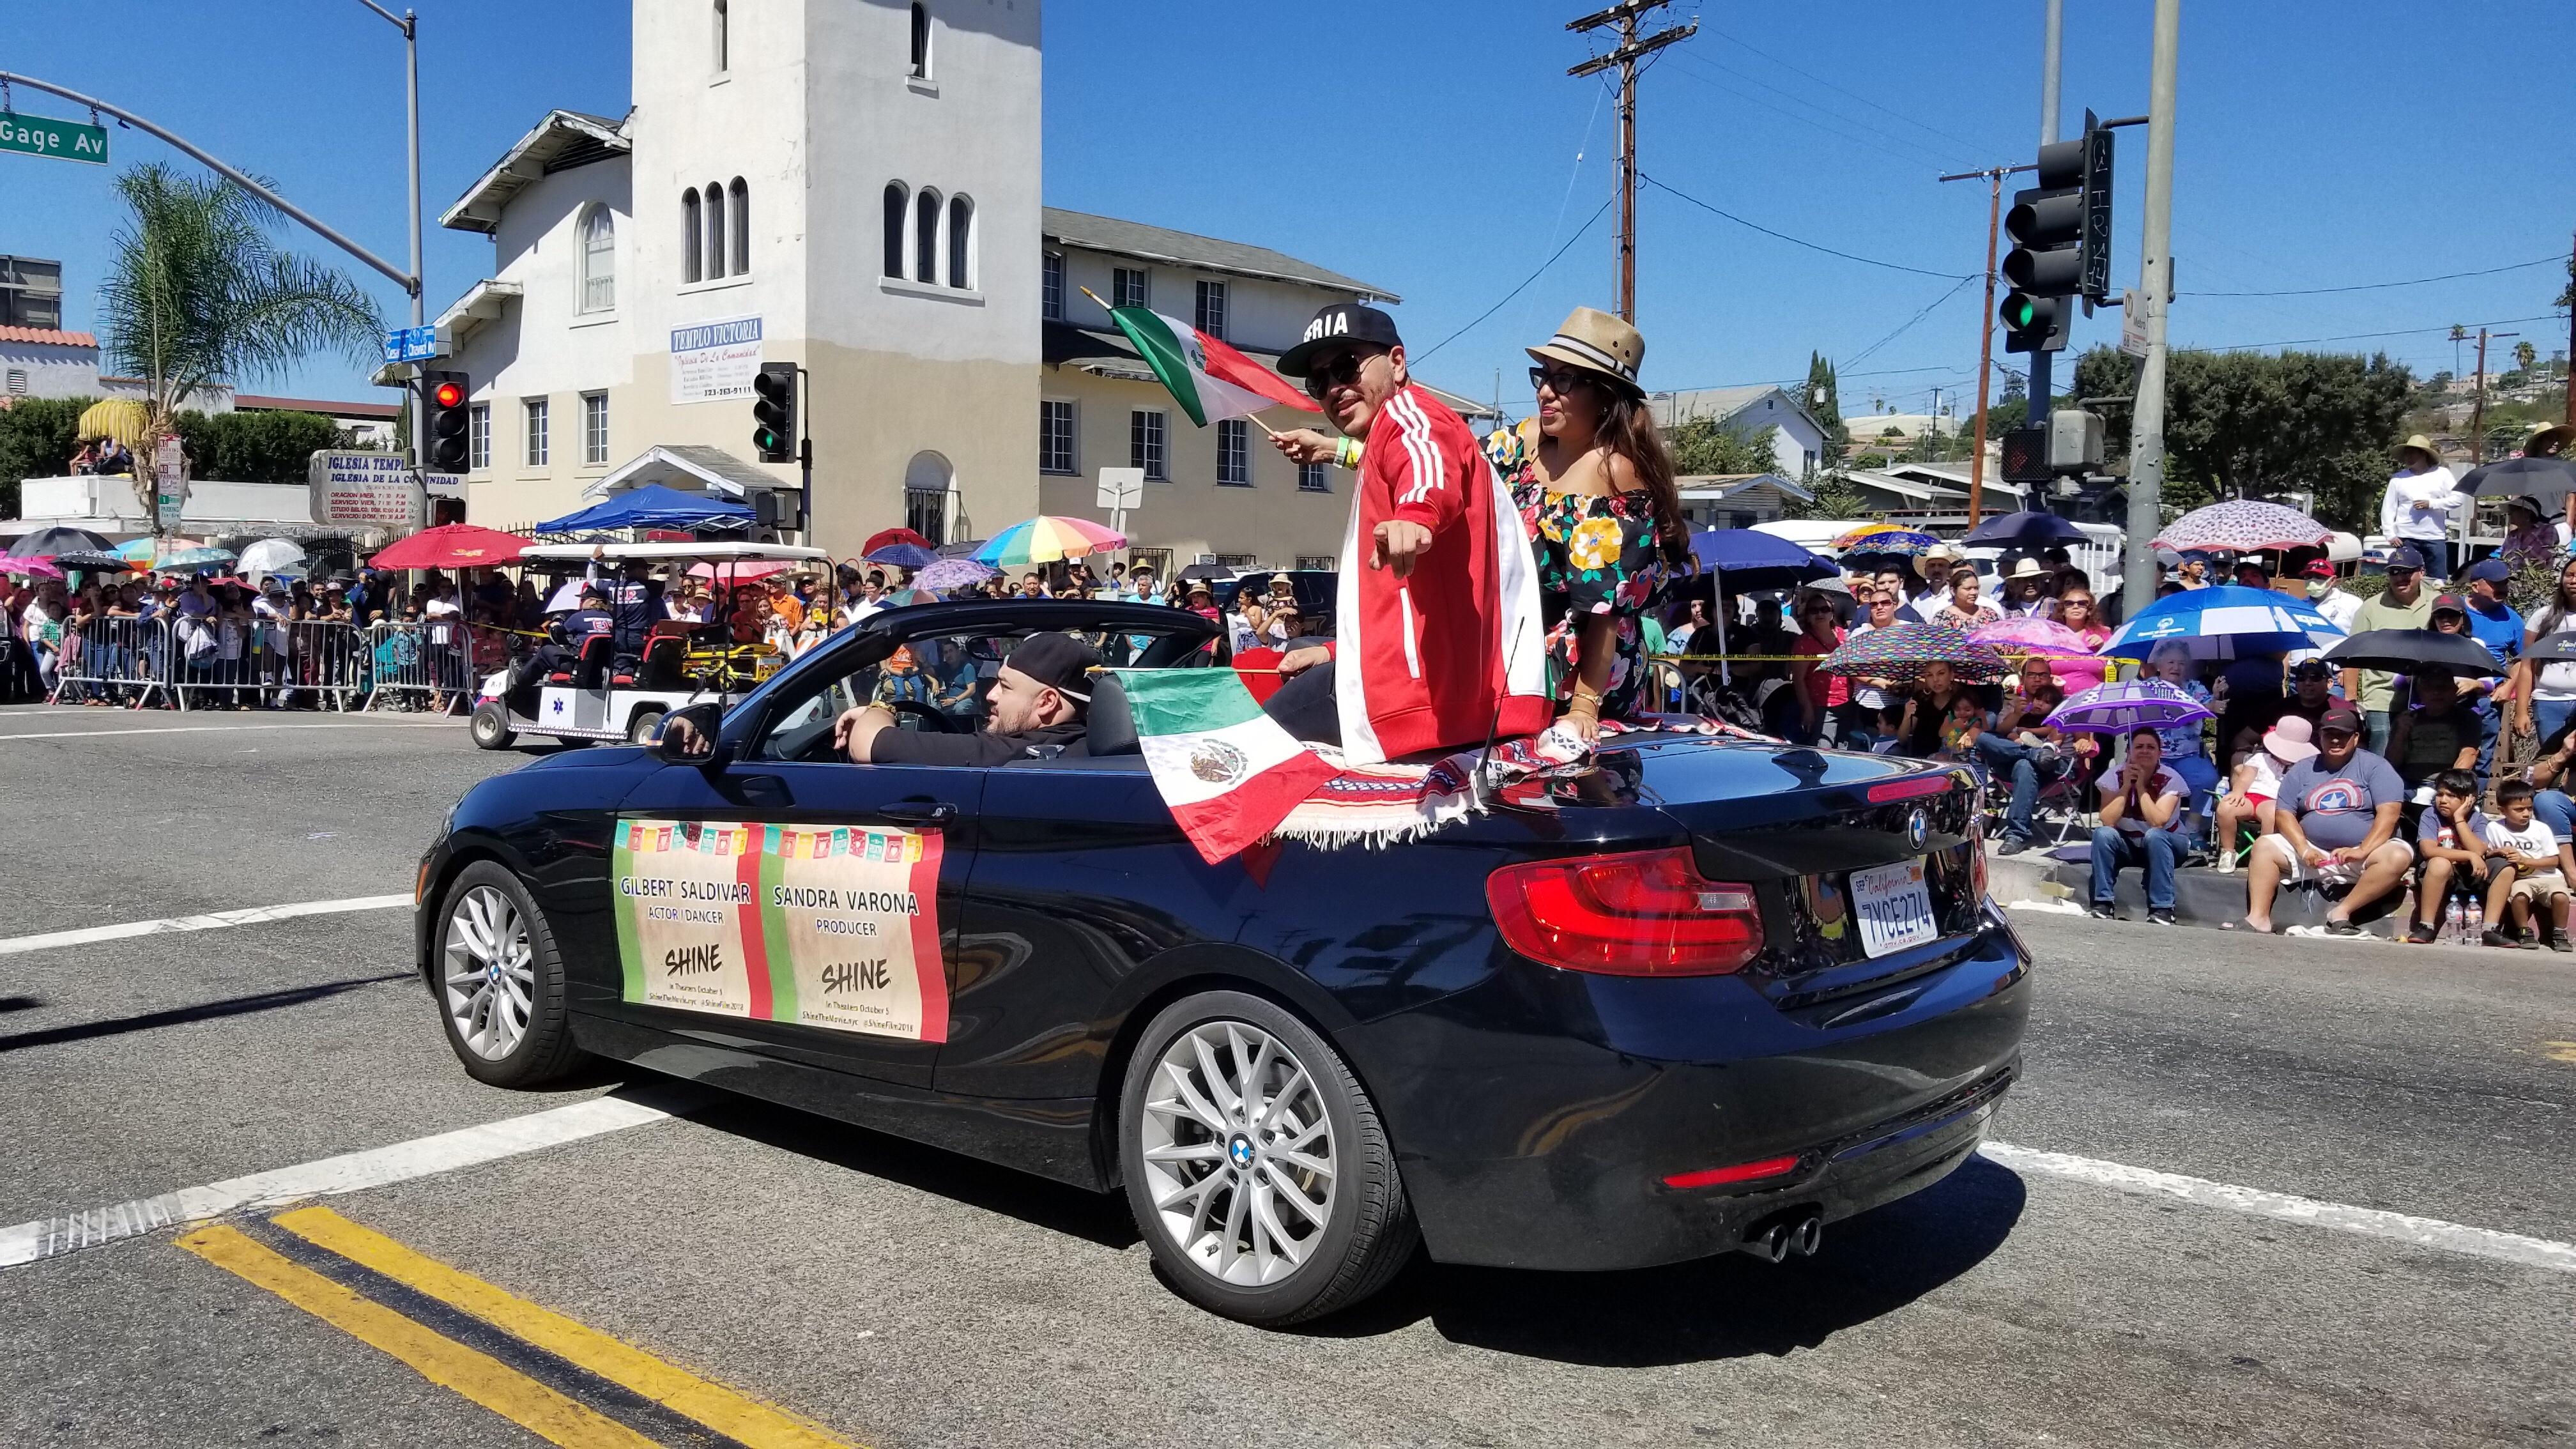 La cinta SHINE se dio cita en el desfile de la Independencia Mexicana de East LA